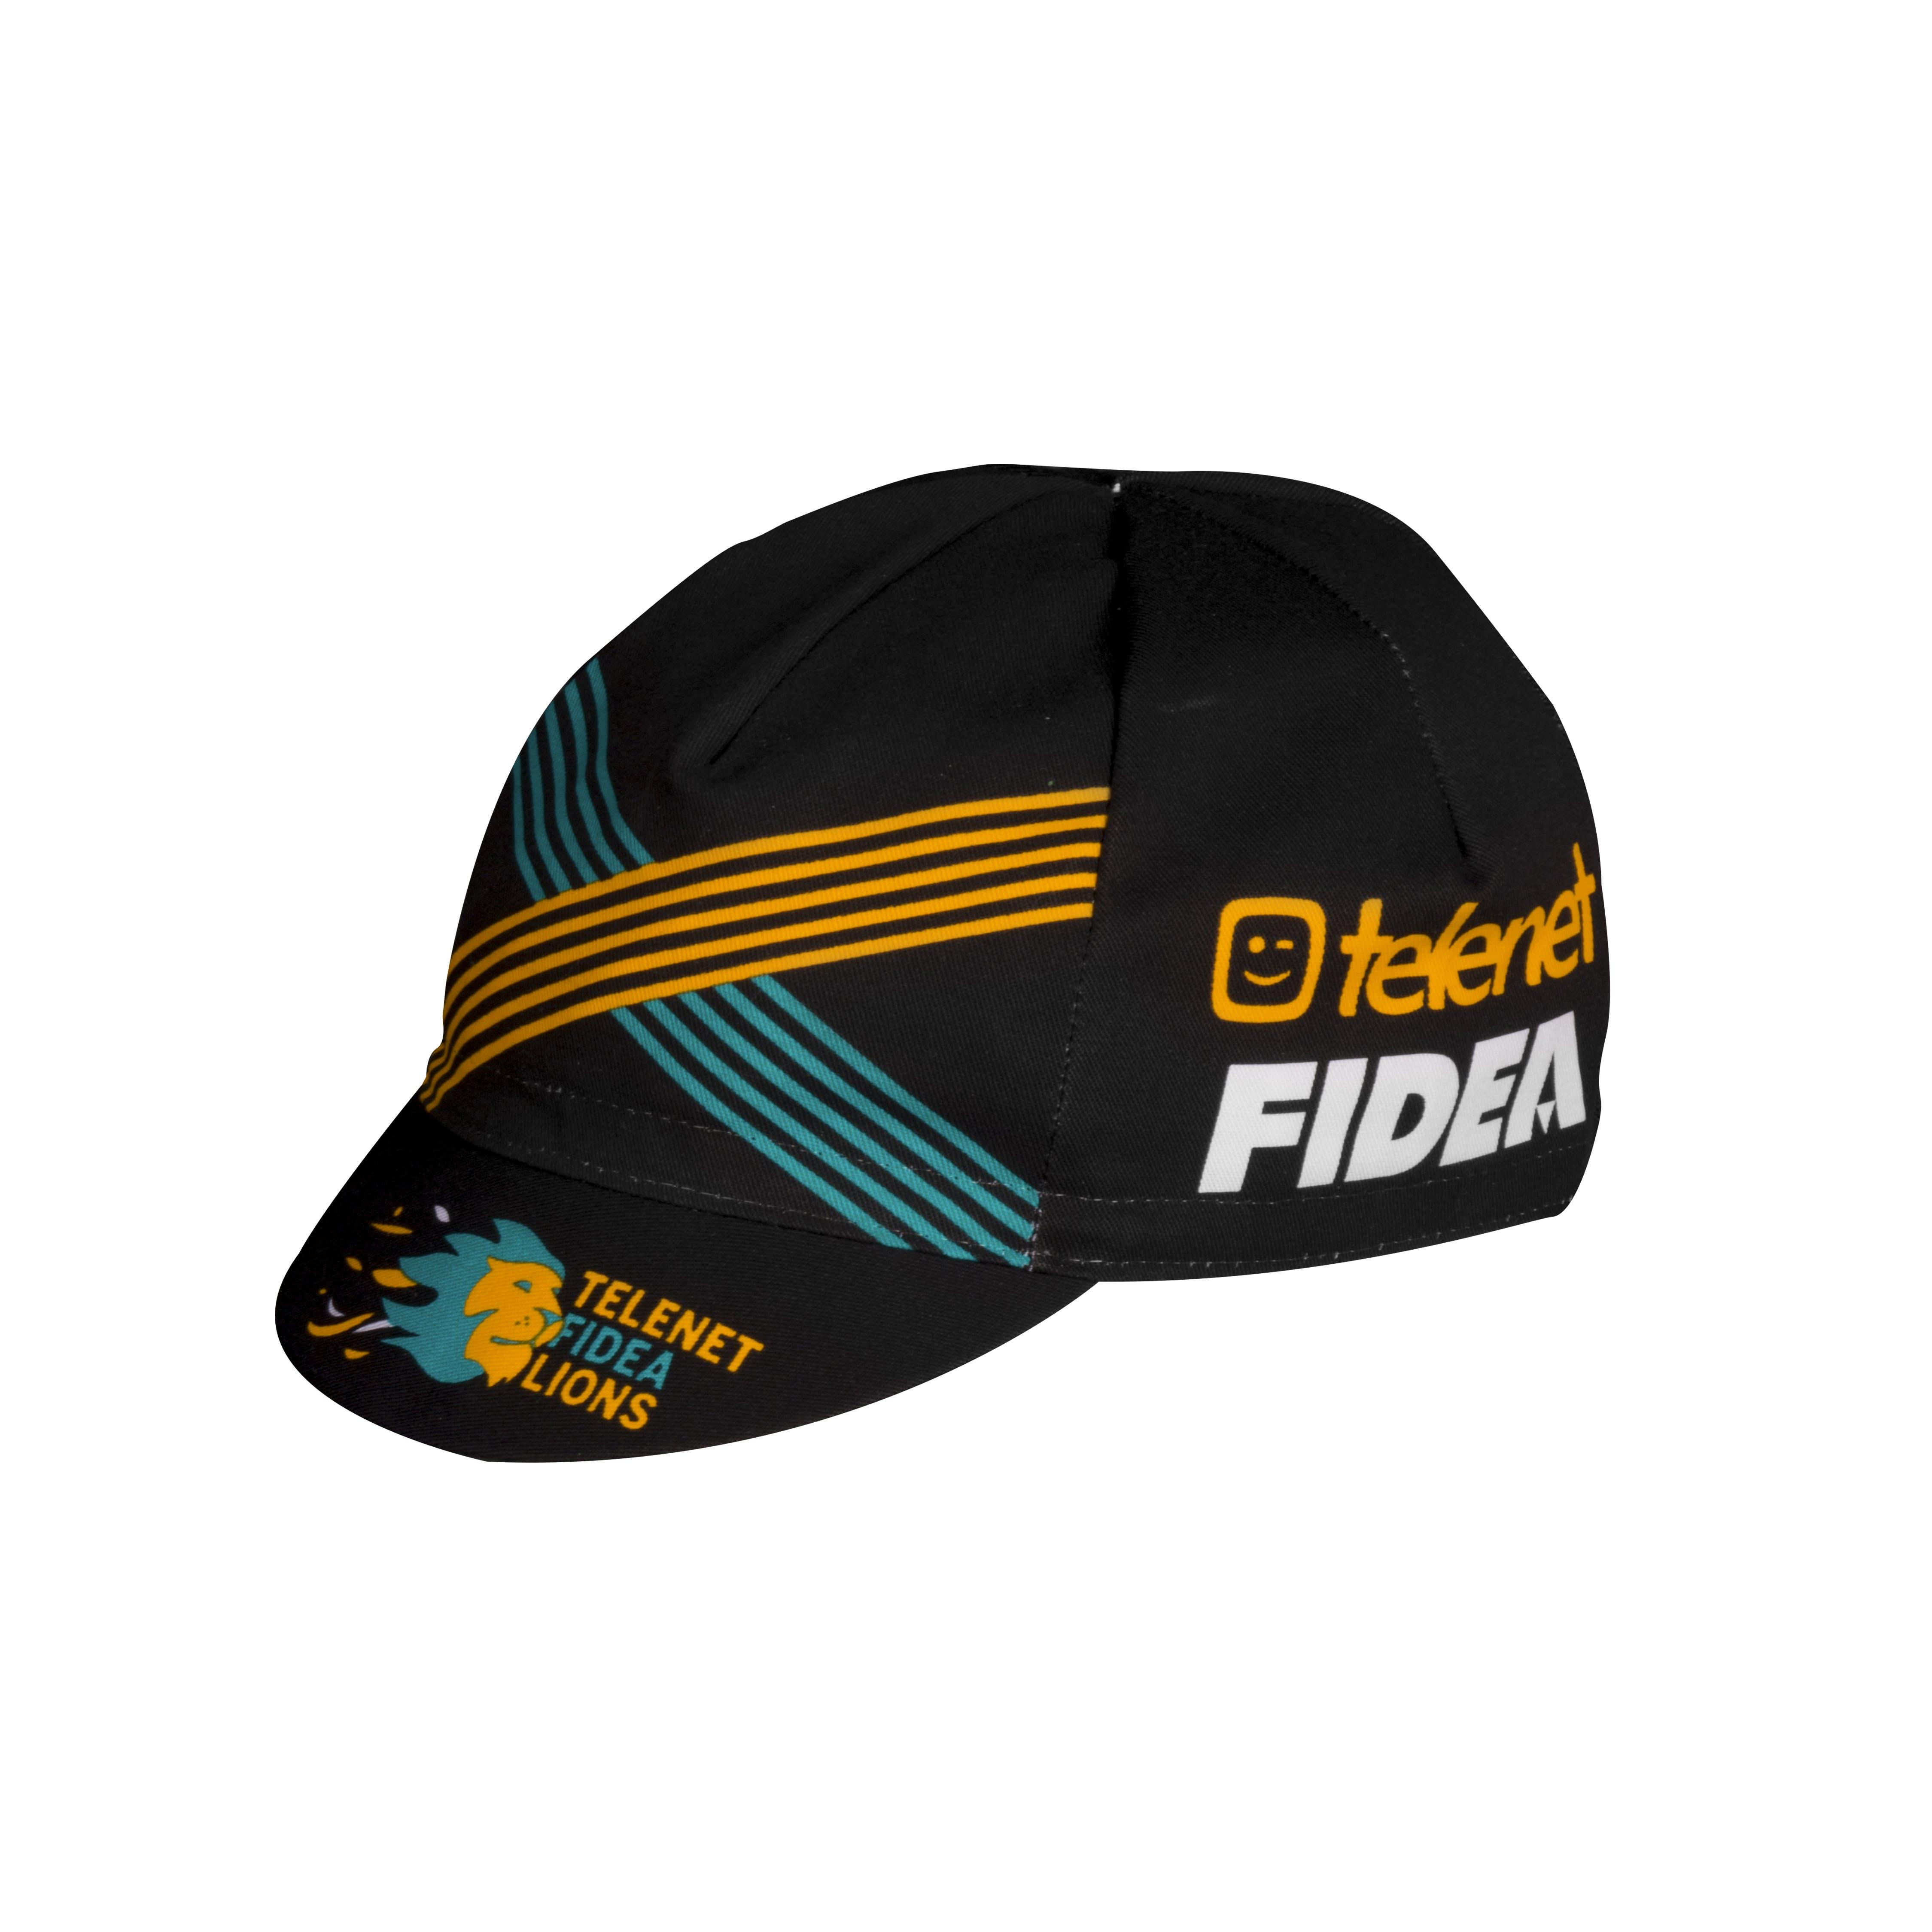 Telenet Fidea Lions 2019 Bonnet d'été en coton